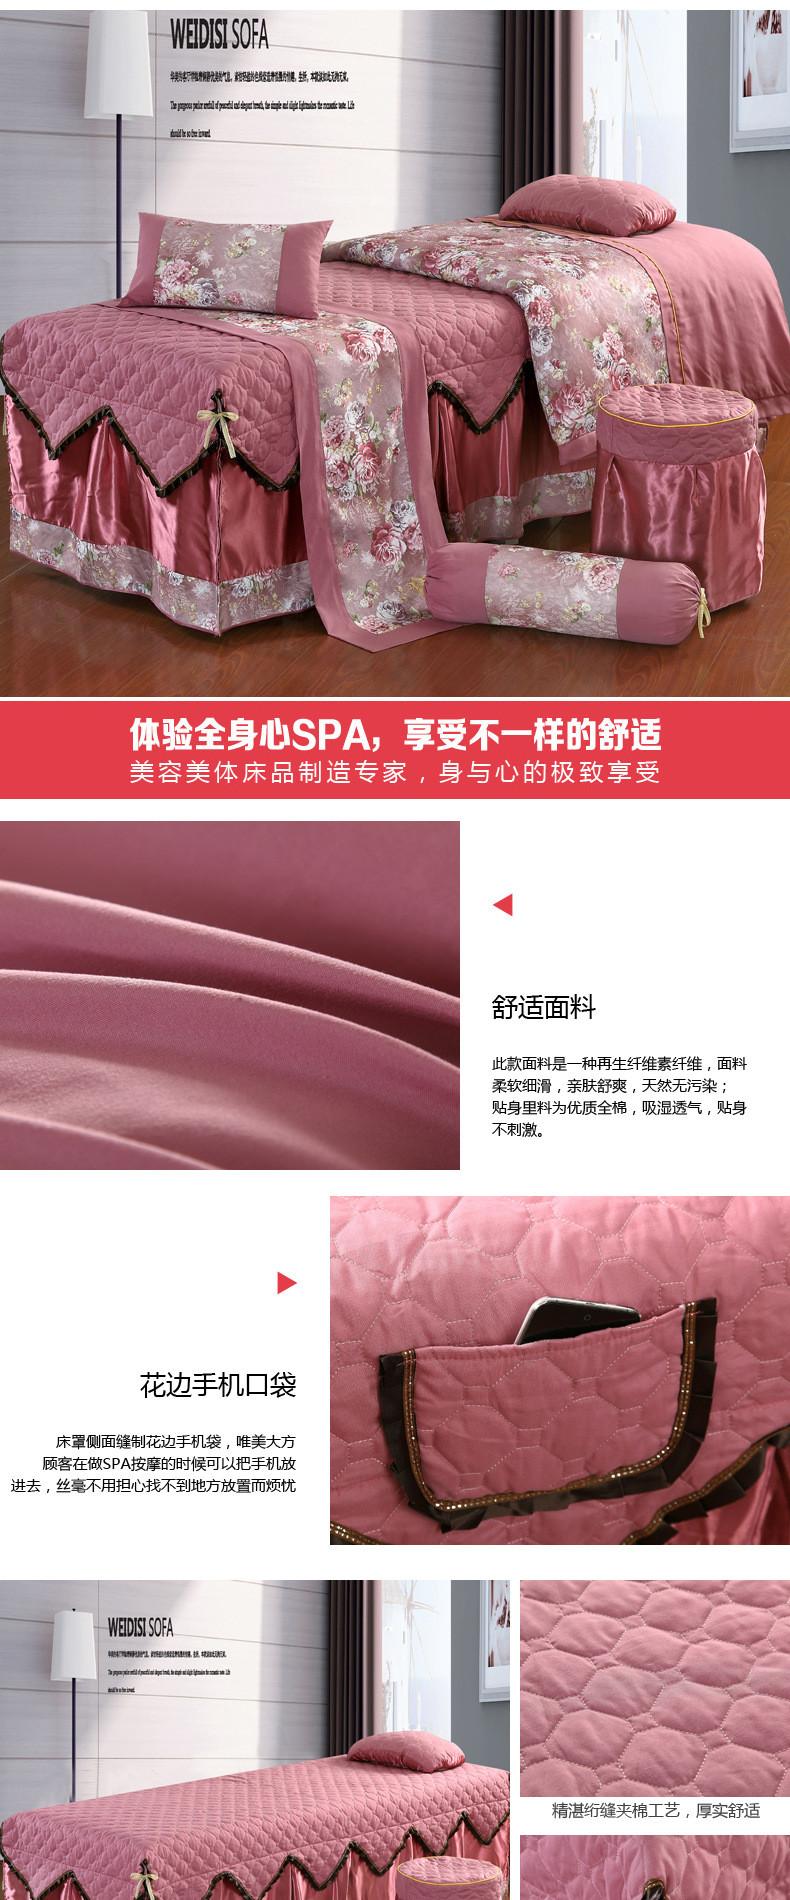 新款包邮高档亲柔棉美容床罩美容美体按摩理疗SPA洗头床罩可定做示例图29